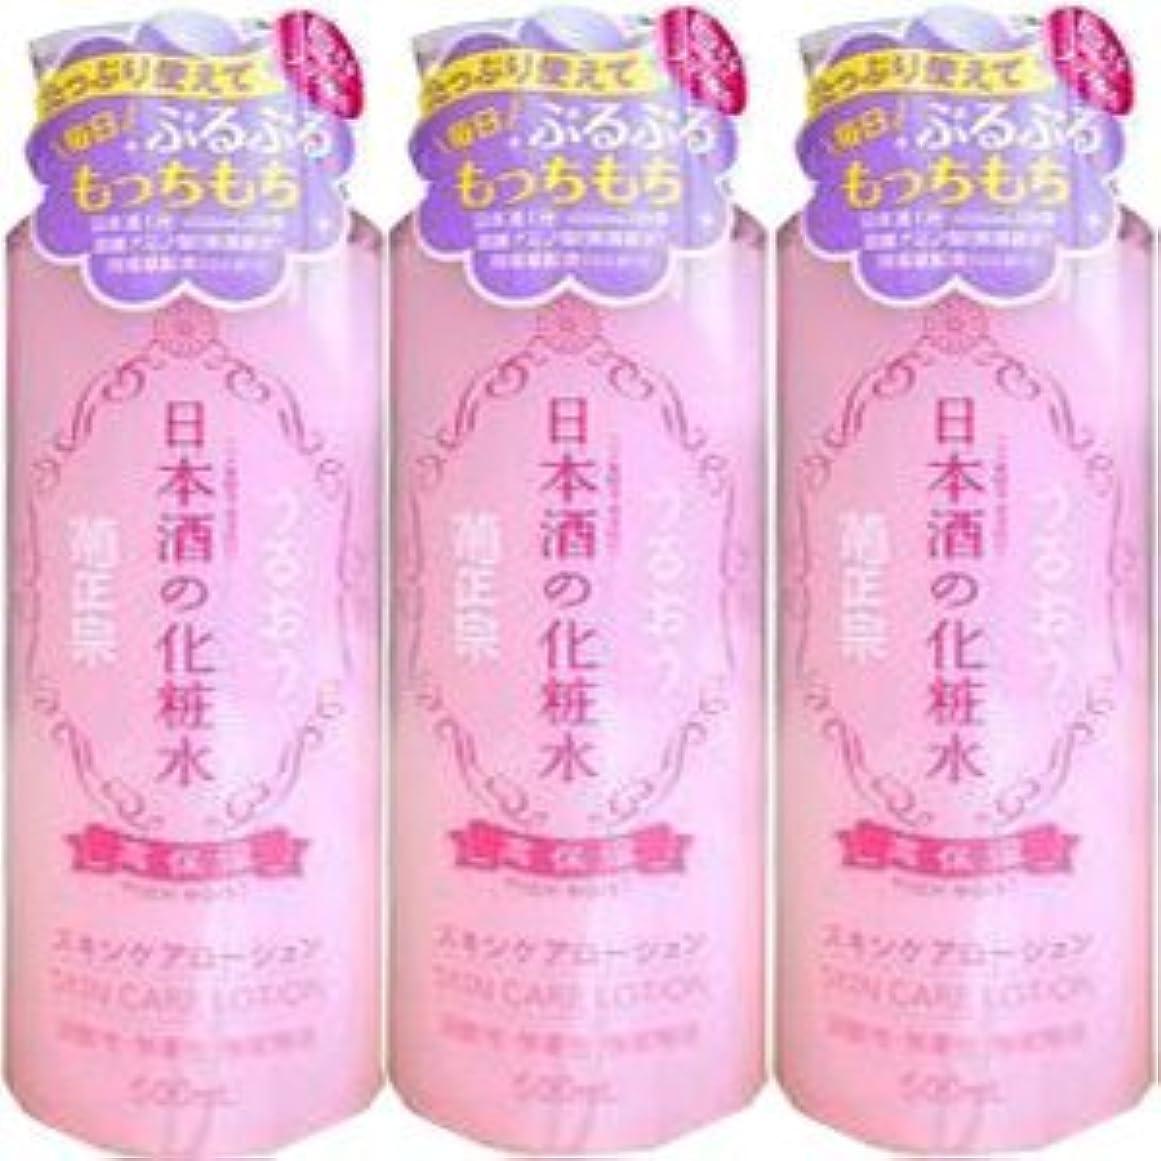 グリット再生不適【3個】 菊正宗 日本酒の化粧水 高保湿 500mlx3個 (4971650800578)